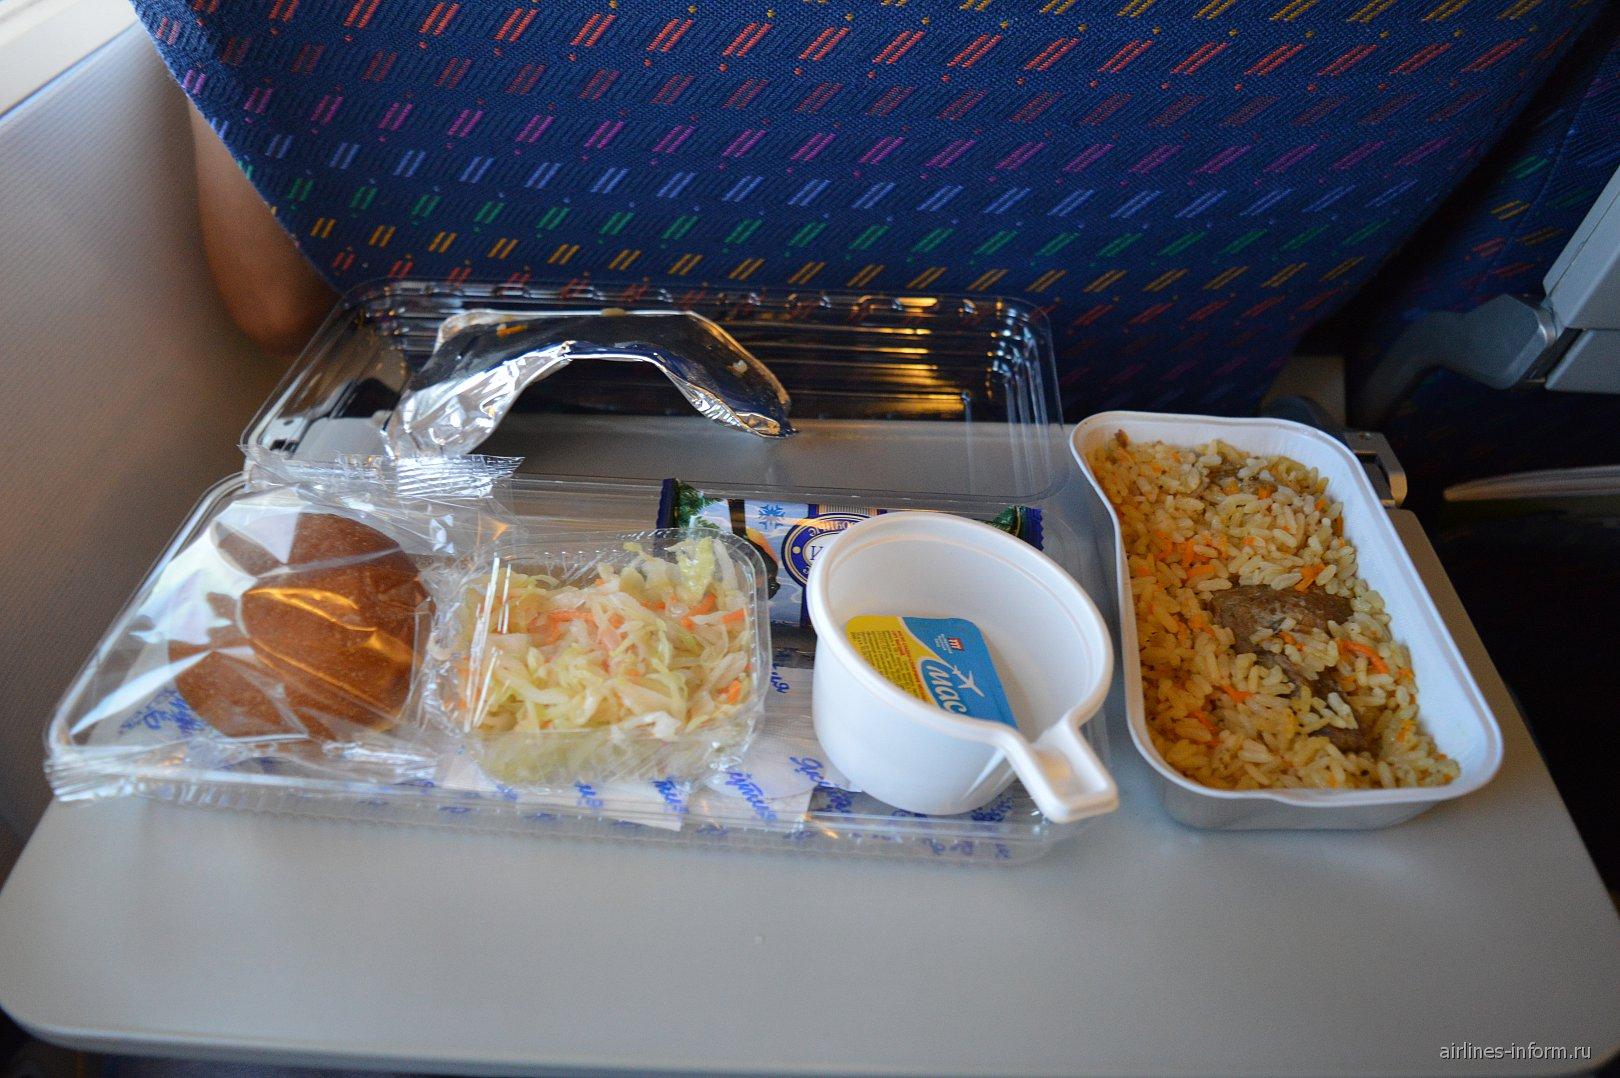 Бортовое питание на рейсе Москва-Барселона авиакомпании